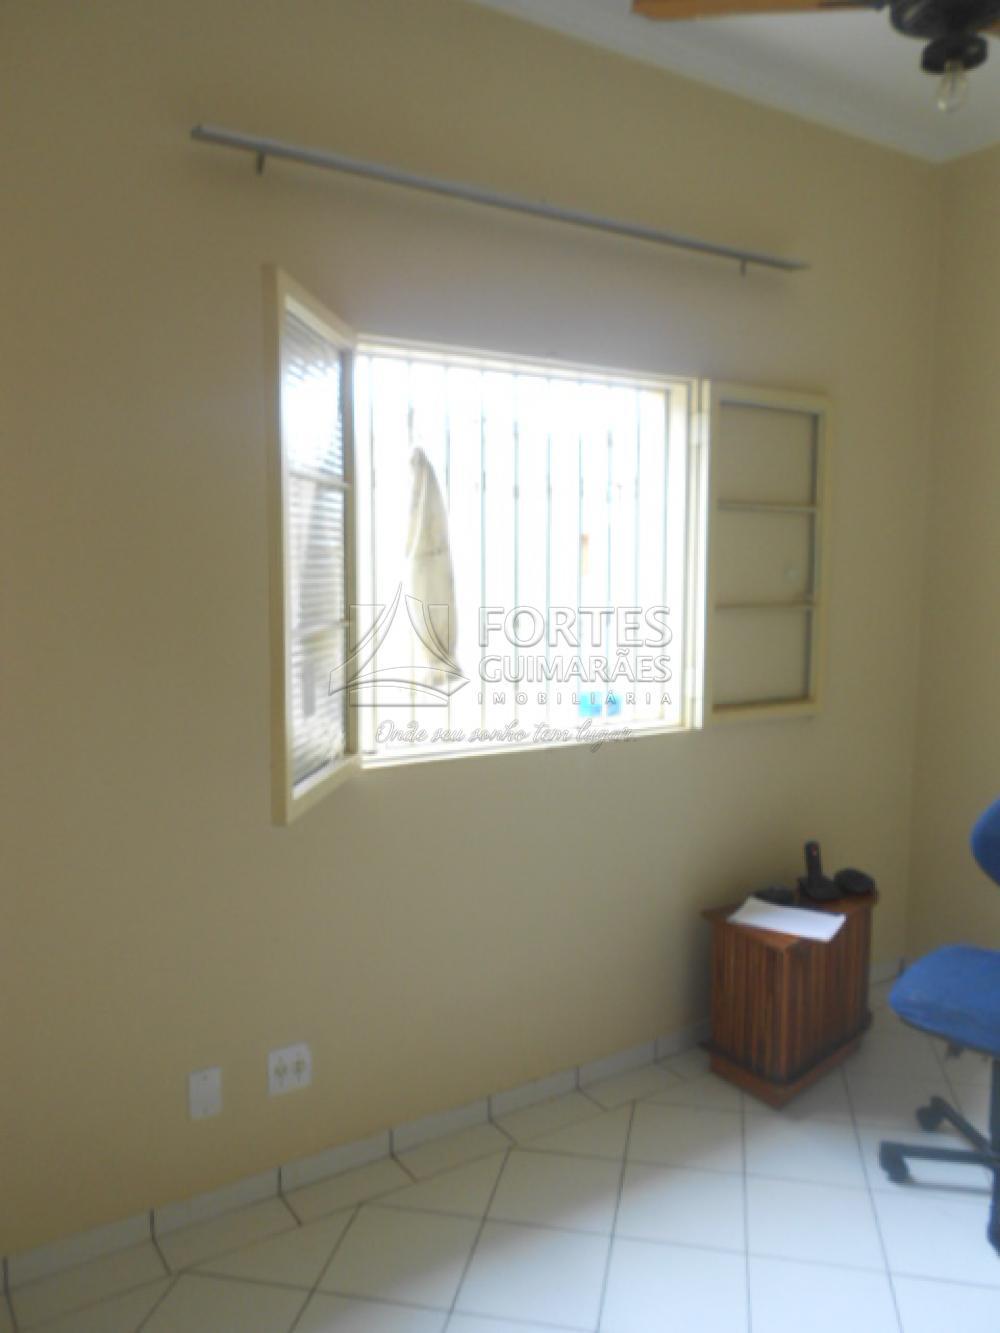 Alugar Comercial / Imóvel Comercial em Ribeirão Preto apenas R$ 3.000,00 - Foto 19